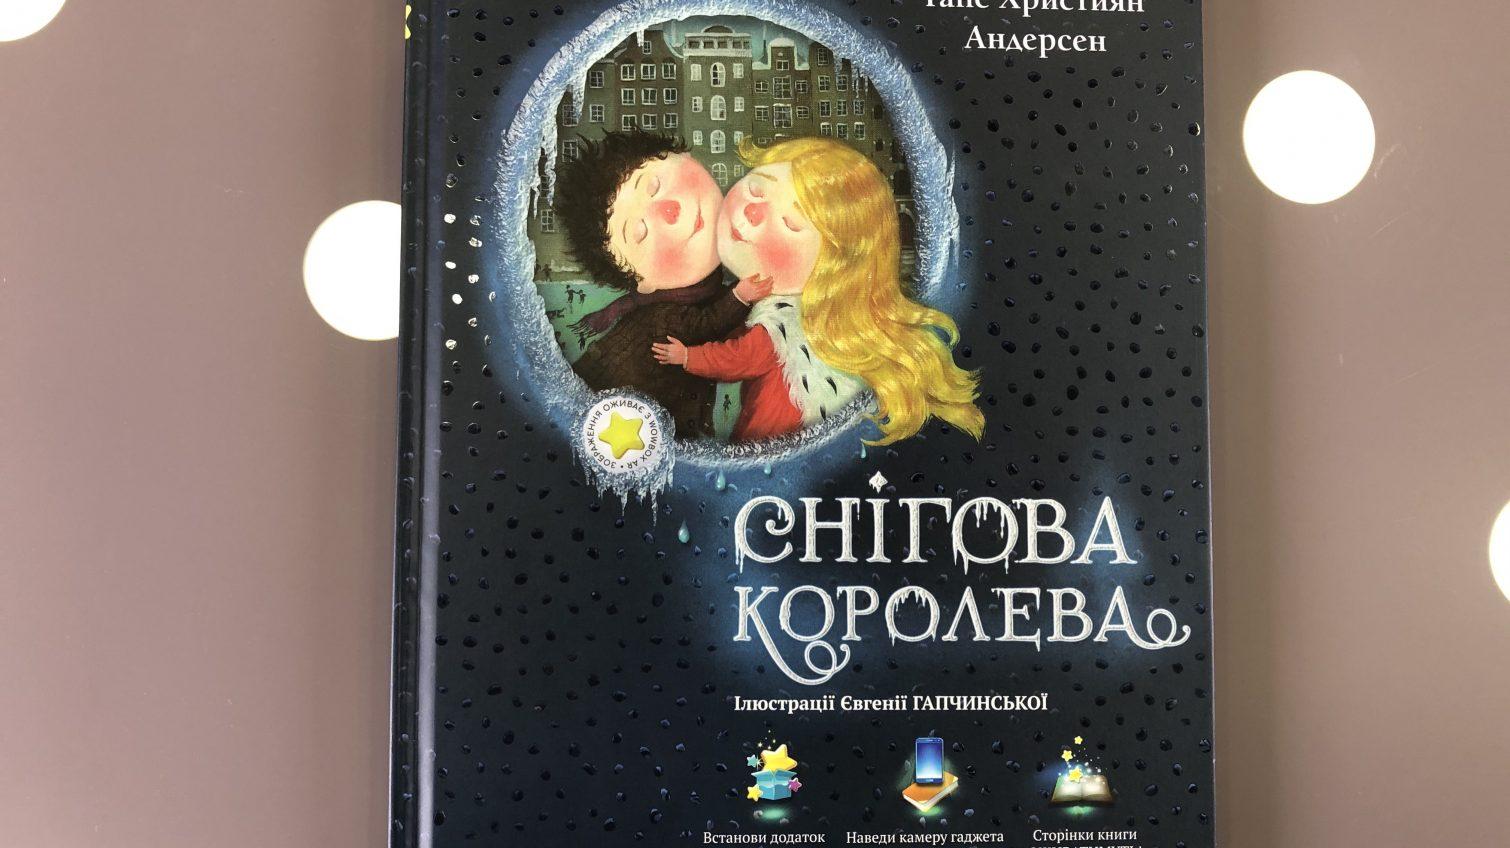 Одесситам показали детскую книгу «Снежная королева» с дополненной реальностью: на трех языках и с «живыми» иллюстрациями Гапчинской (фото) «фото»